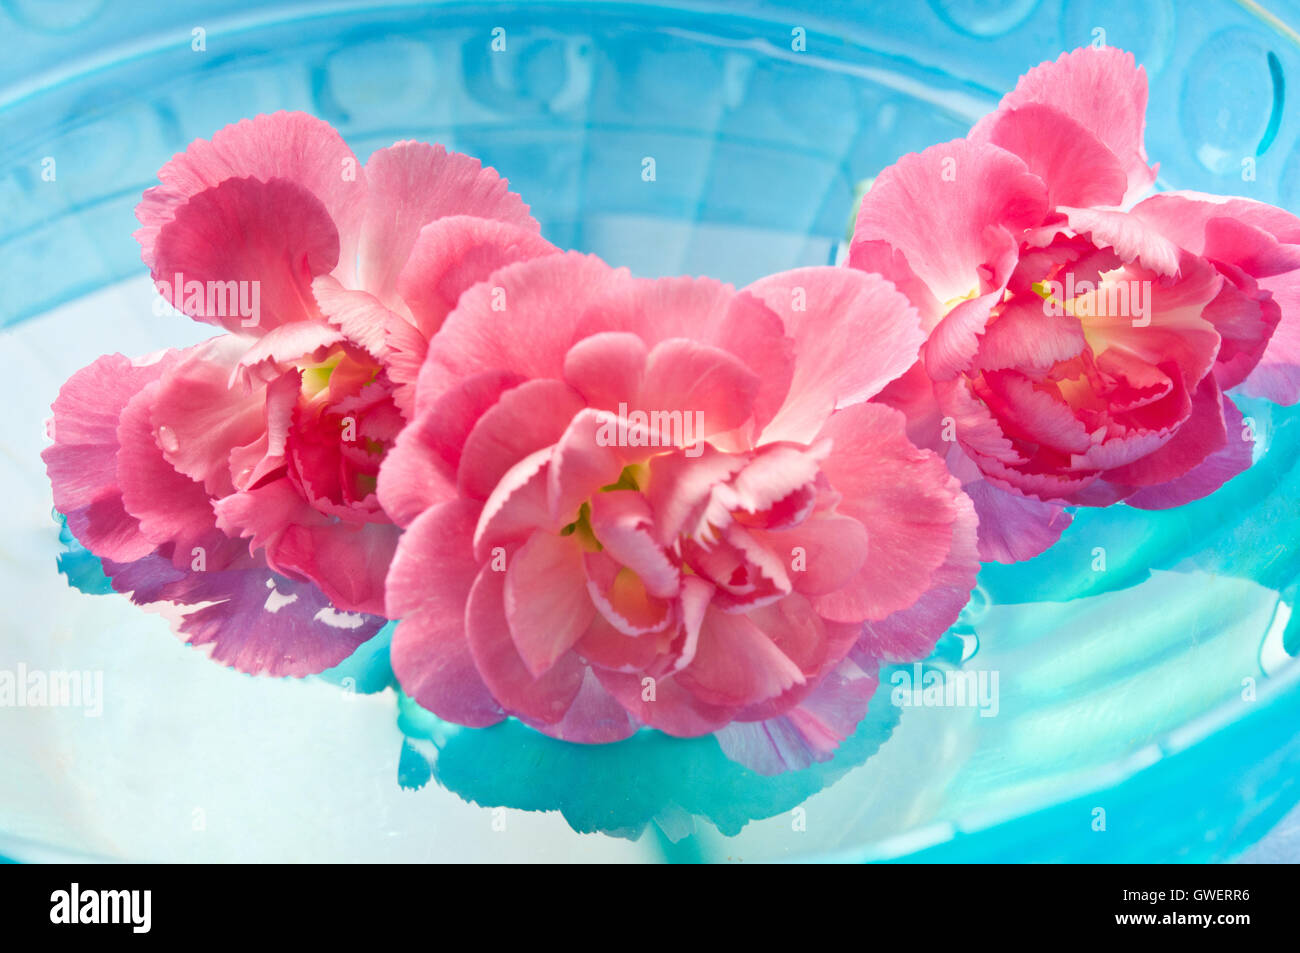 Rosa fiori di garofano in acqua, di meditazione e di consapevolezza Immagini Stock